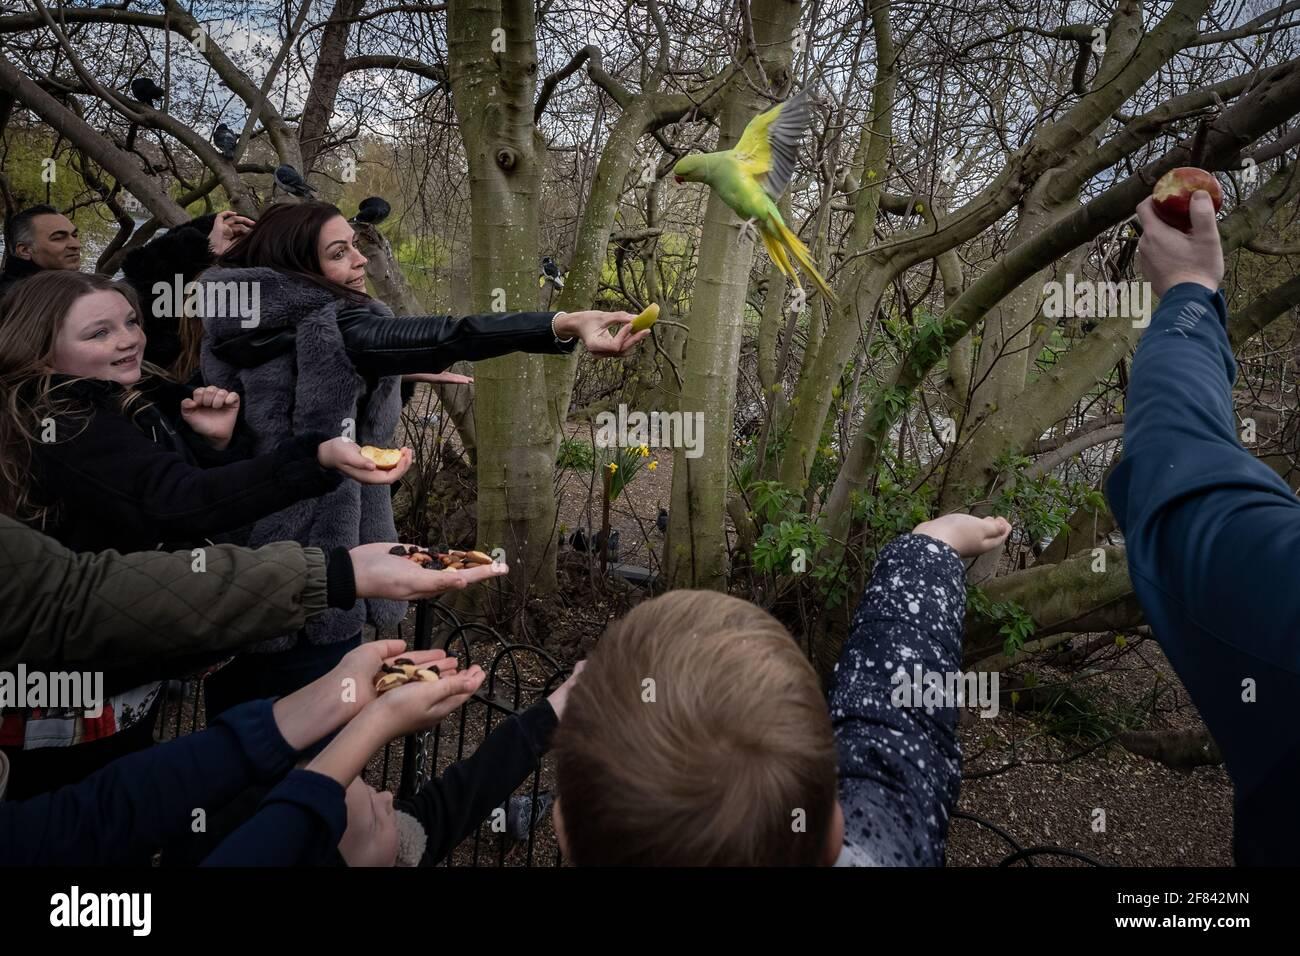 Londres, Royaume-Uni. 11 avril 2021. Météo au Royaume-Uni : les touristes nourrissent les parakeets à collier local lors d'un dimanche après-midi doux dans le parc St. James. Credit: Guy Corbishley/Alamy Live News Banque D'Images